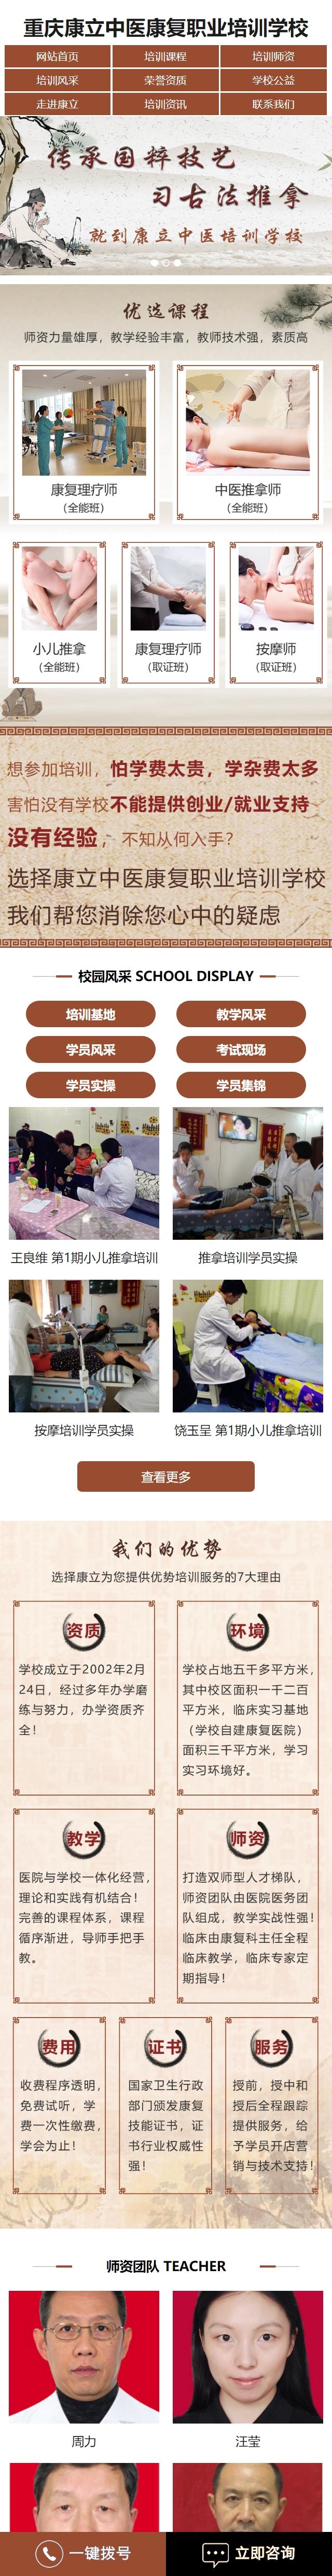 重庆康立中医康复职业培训学校手机站